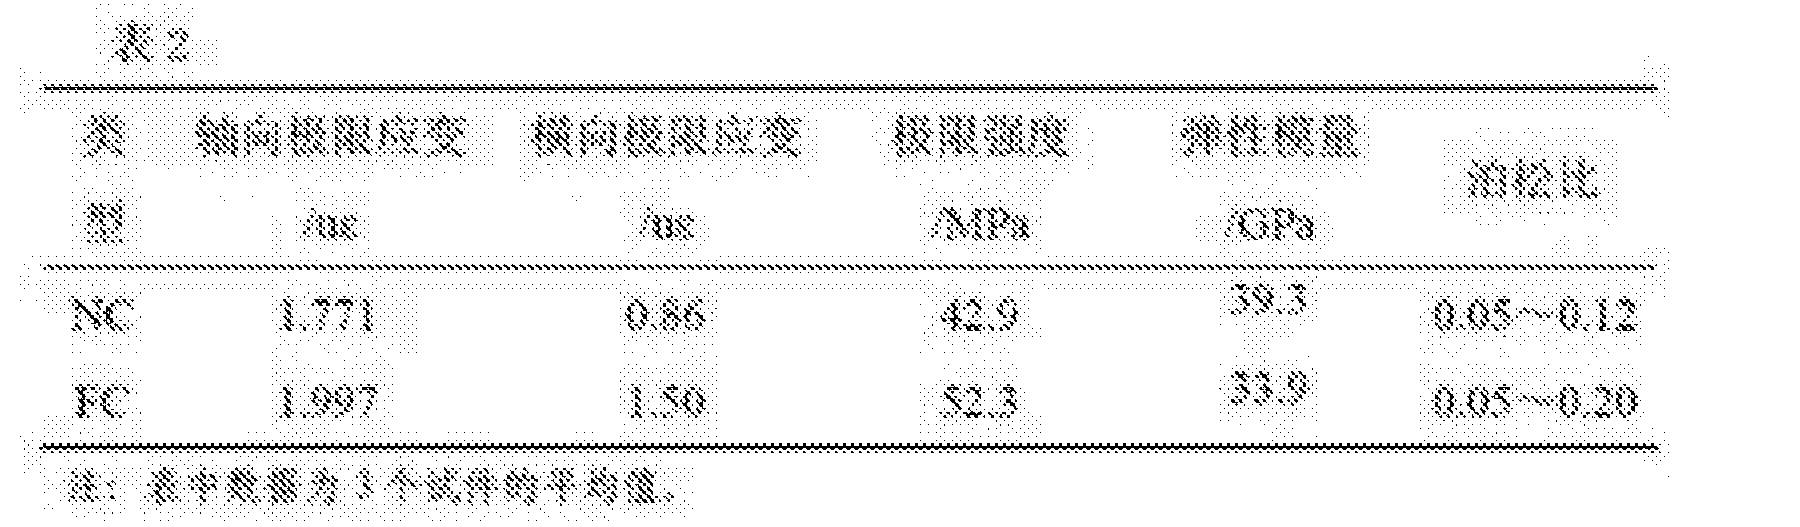 Figure CN104792611BD00102